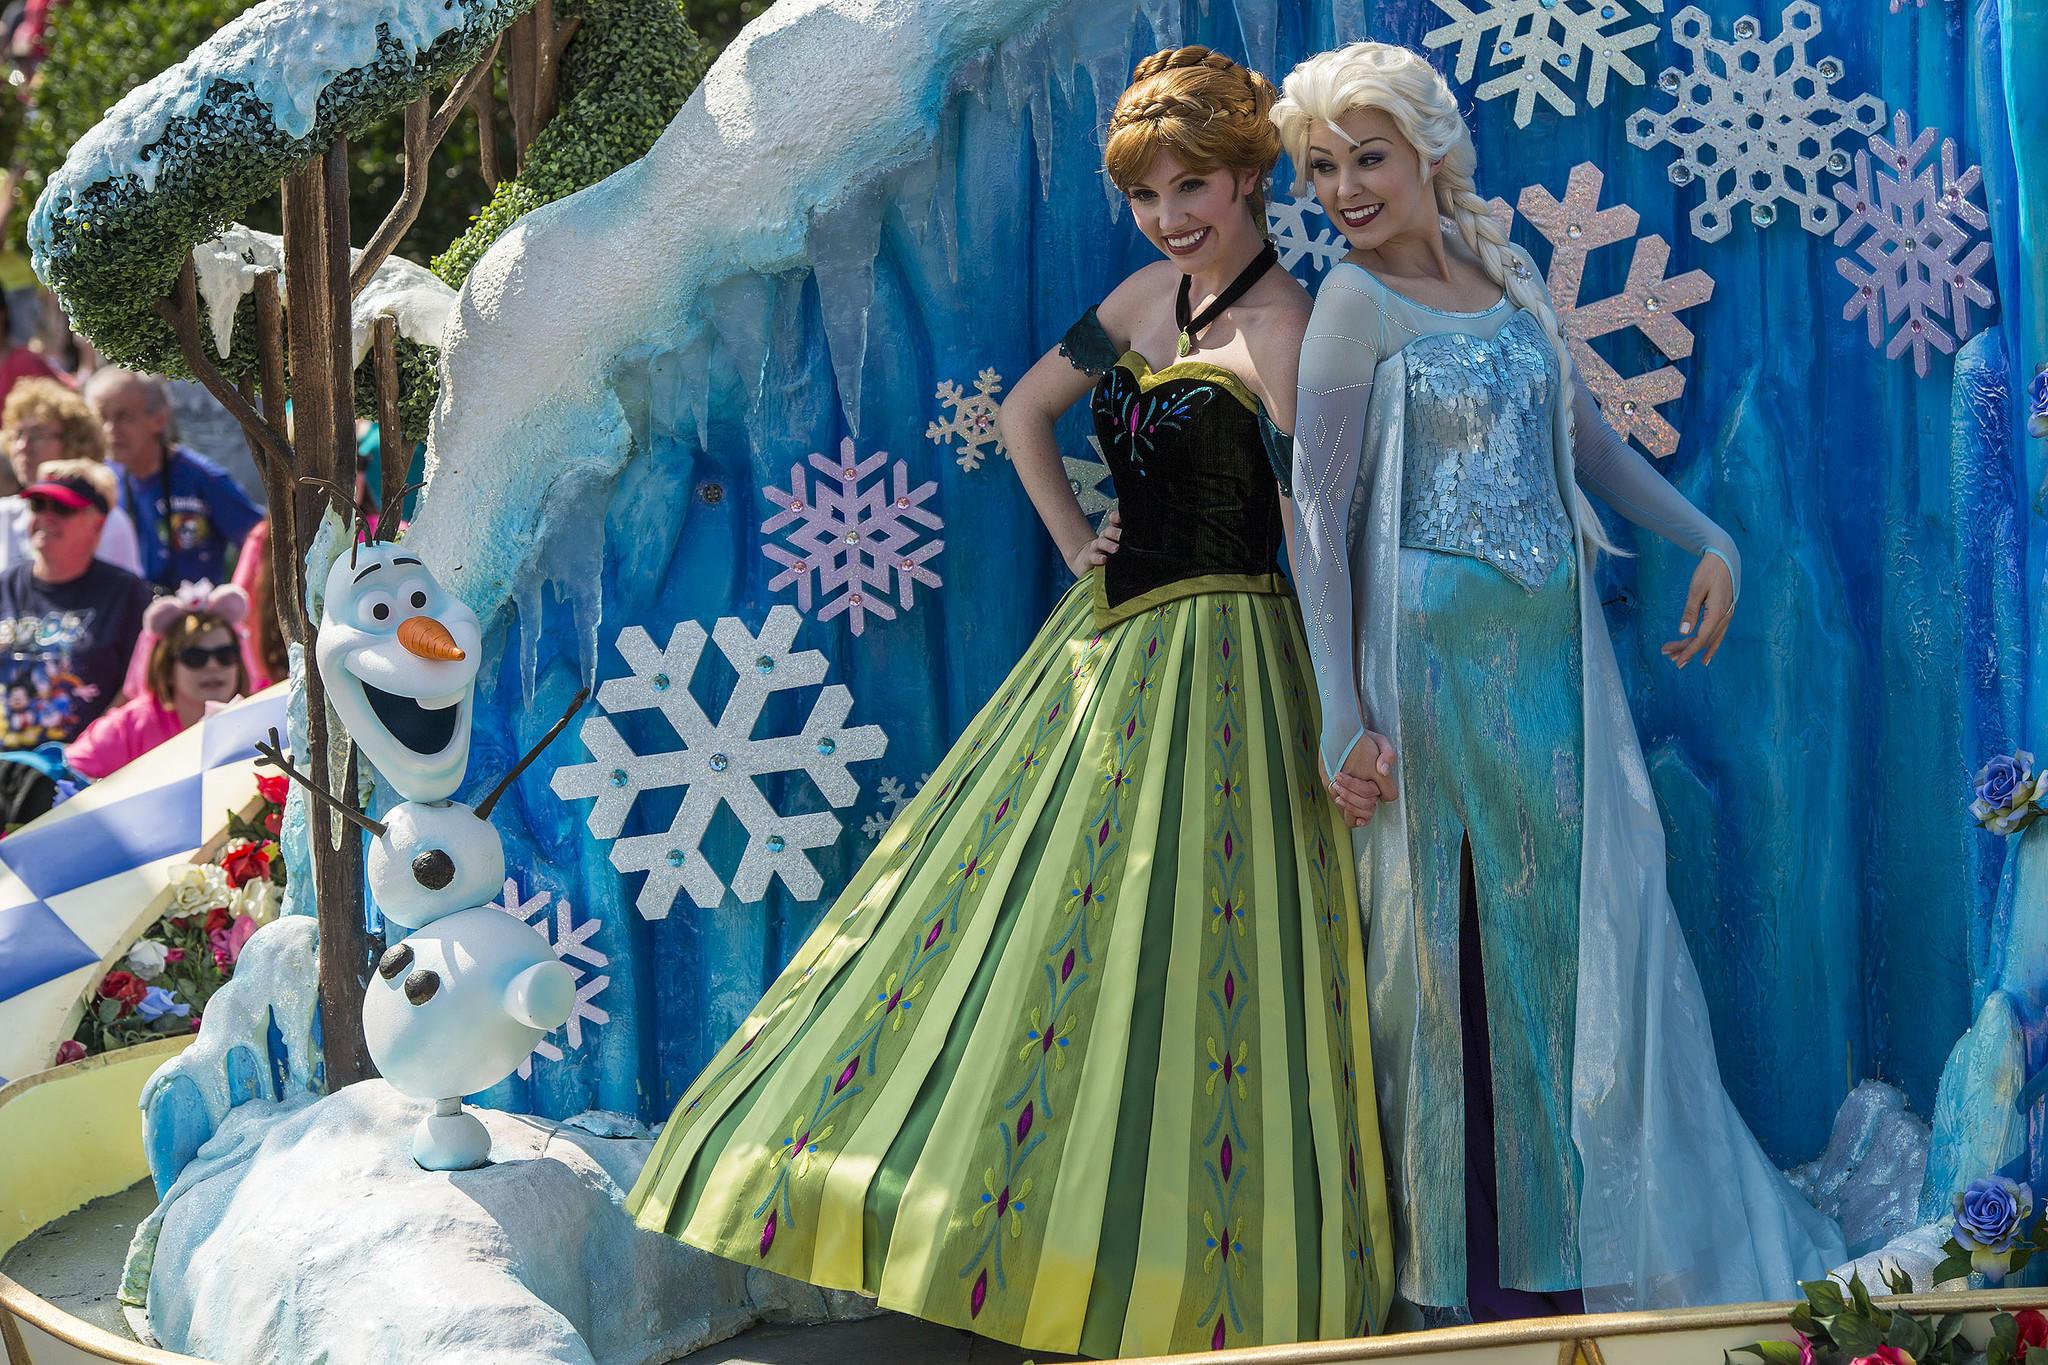 Frozen Music In Disneys Festival Of Fantasy Parade Tribunedigital